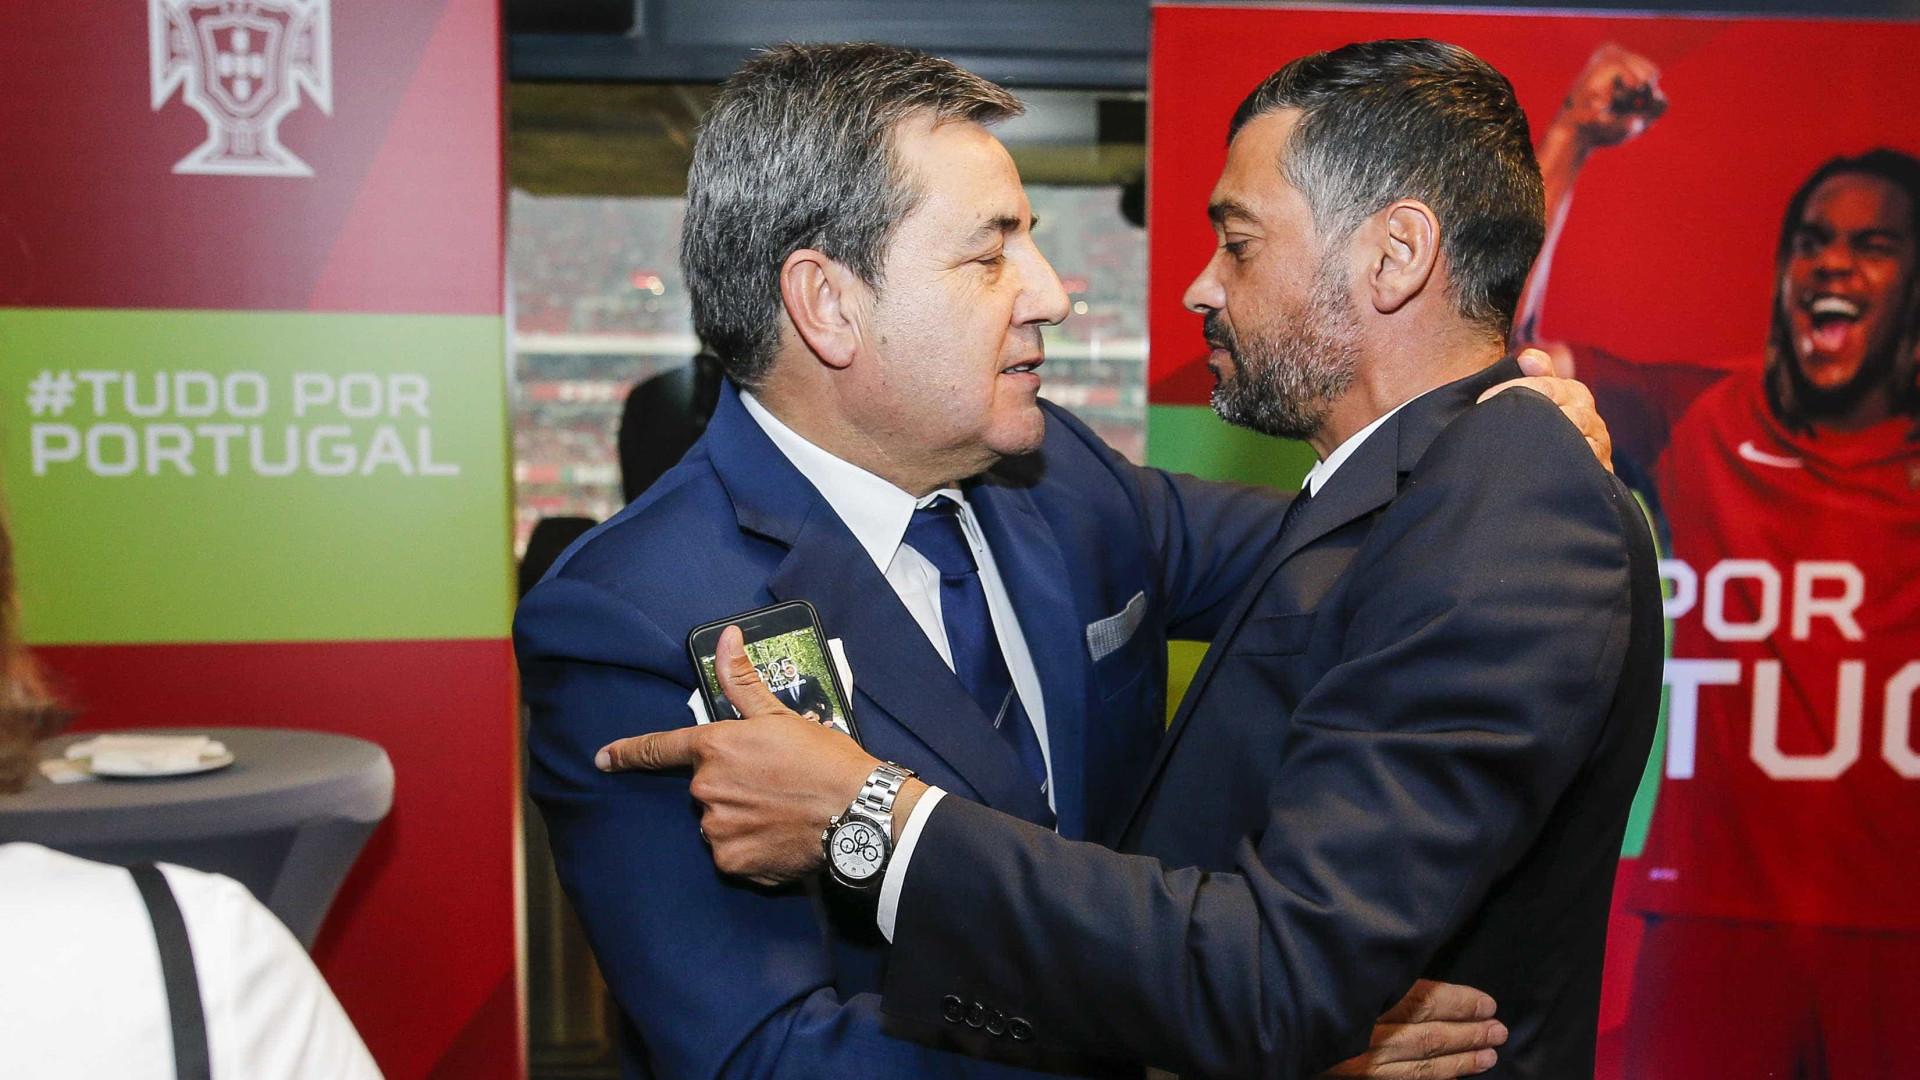 As figuras do futebol português que testemunharam o apuramento da seleção